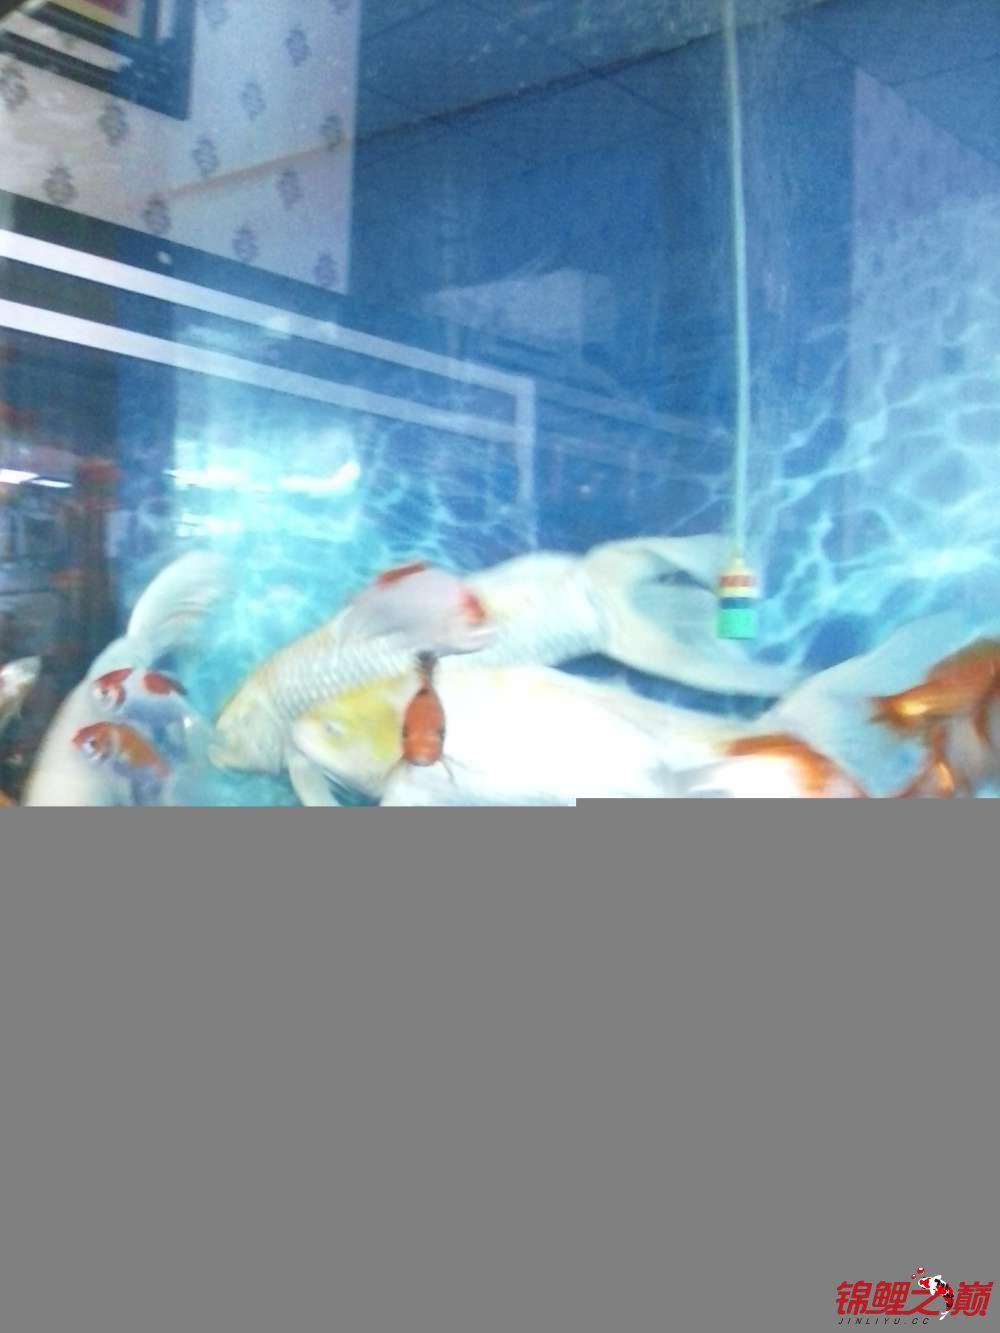 【西安黄化银龙】超大龙凤有图有真相 西安龙鱼论坛 西安博特第2张